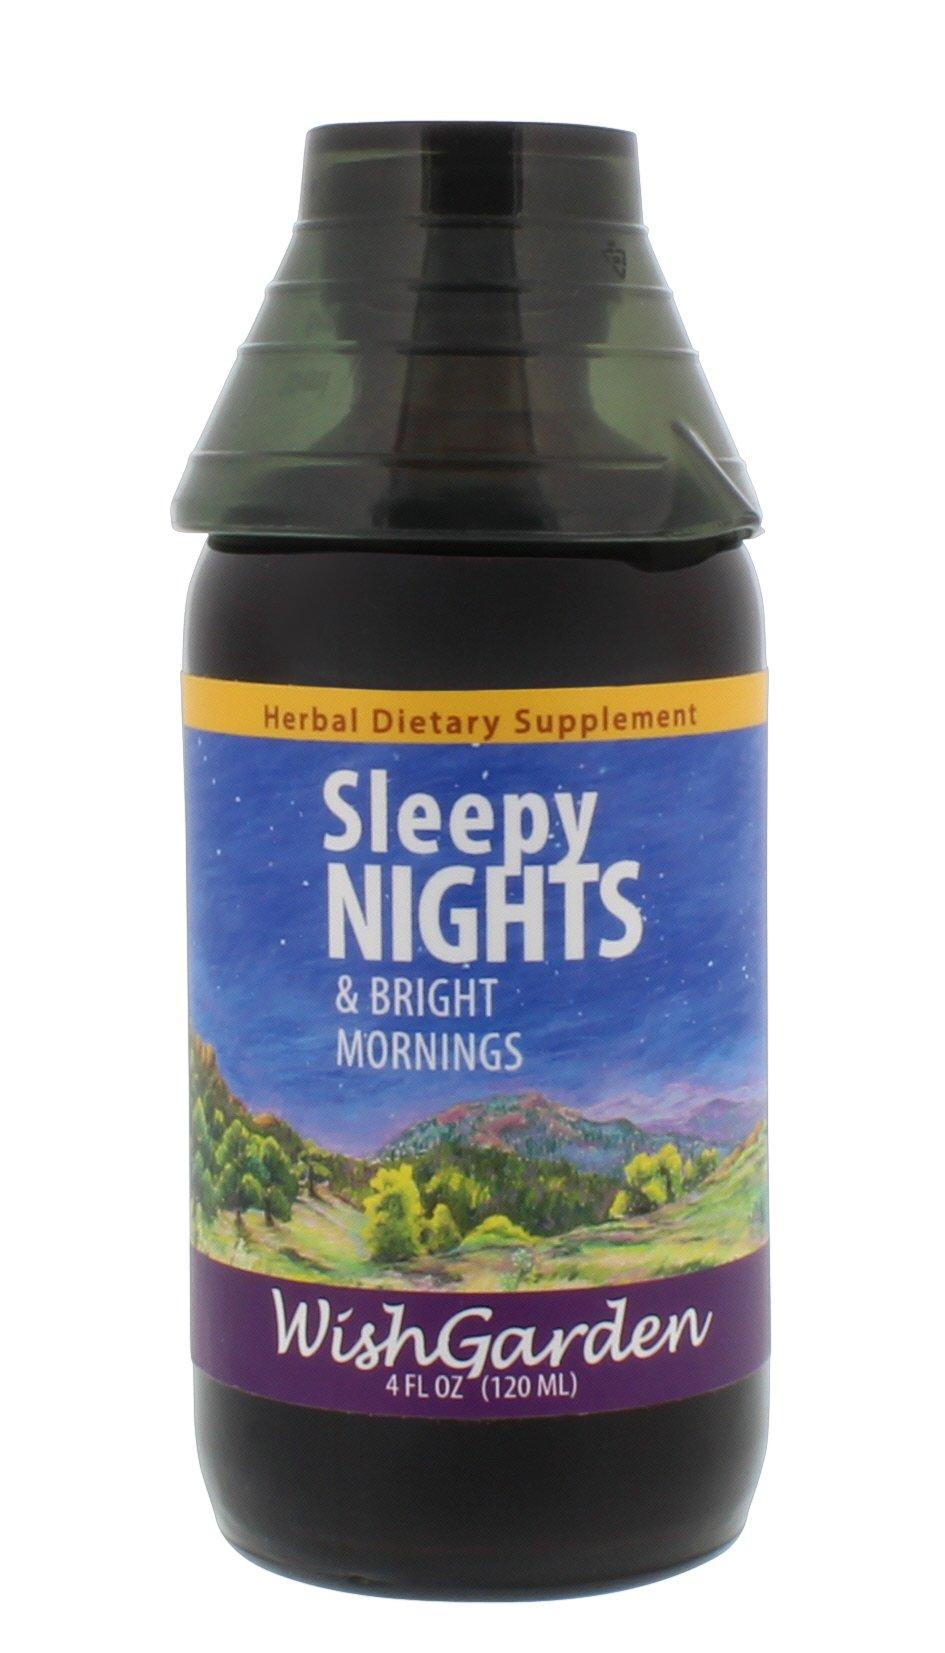 WishGarden Herbs - Sleepy Nights, Organic Herbal Sleep Aid, Supports Healthy Sleep Cycles, Wake Up Fresh in the Morning (4 oz)